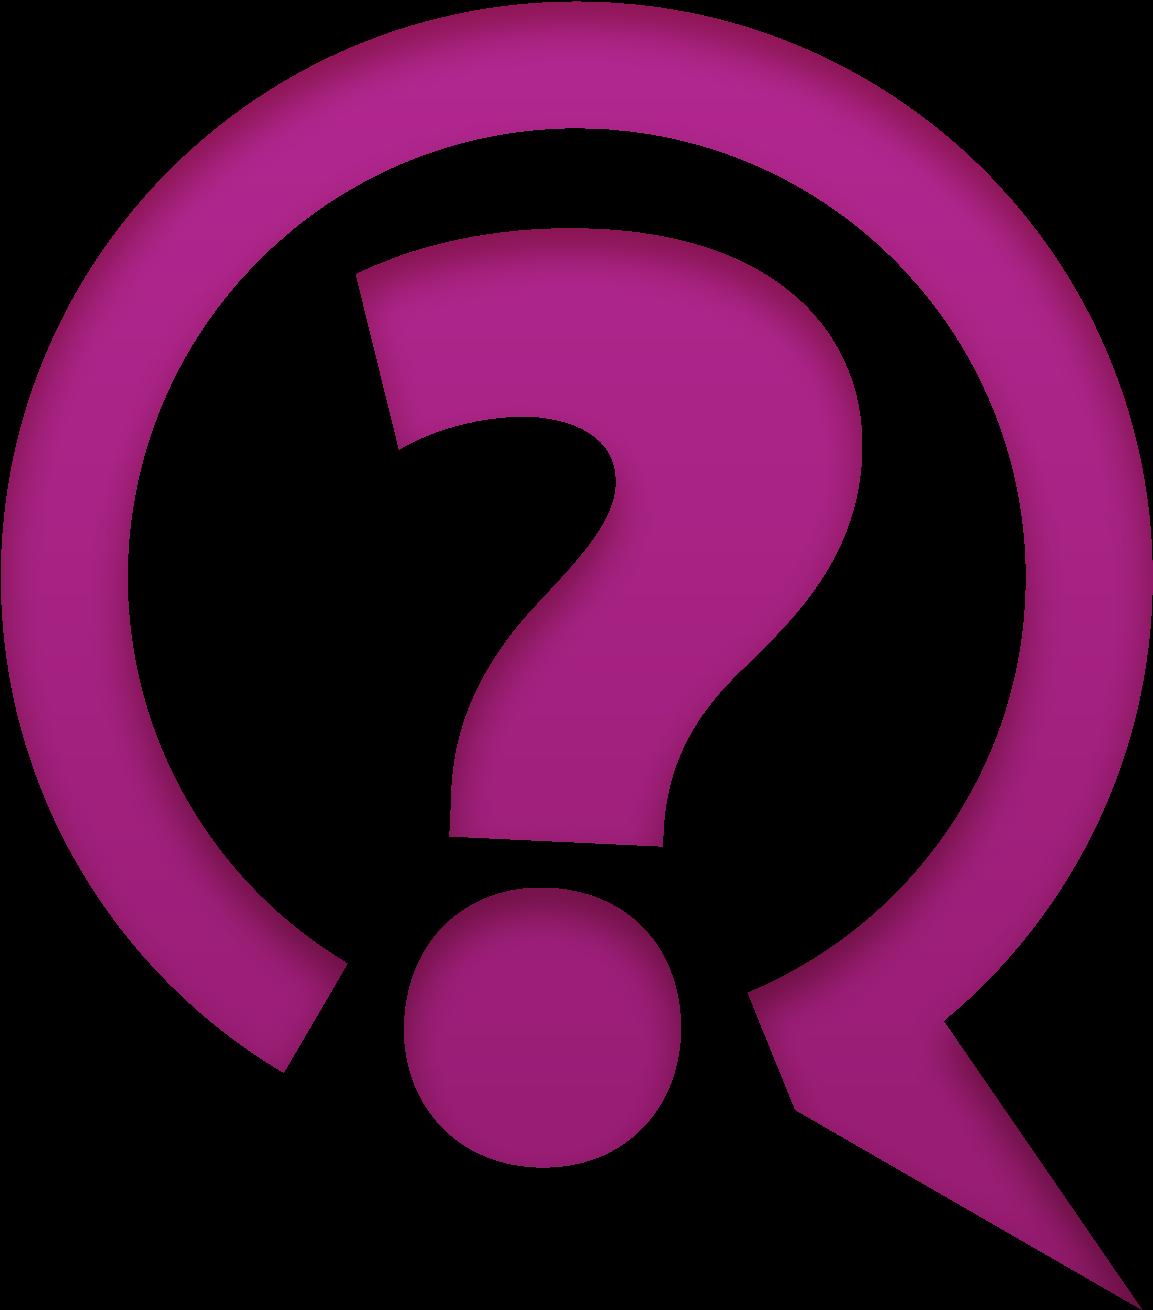 HD Logo Highres Question Mark.